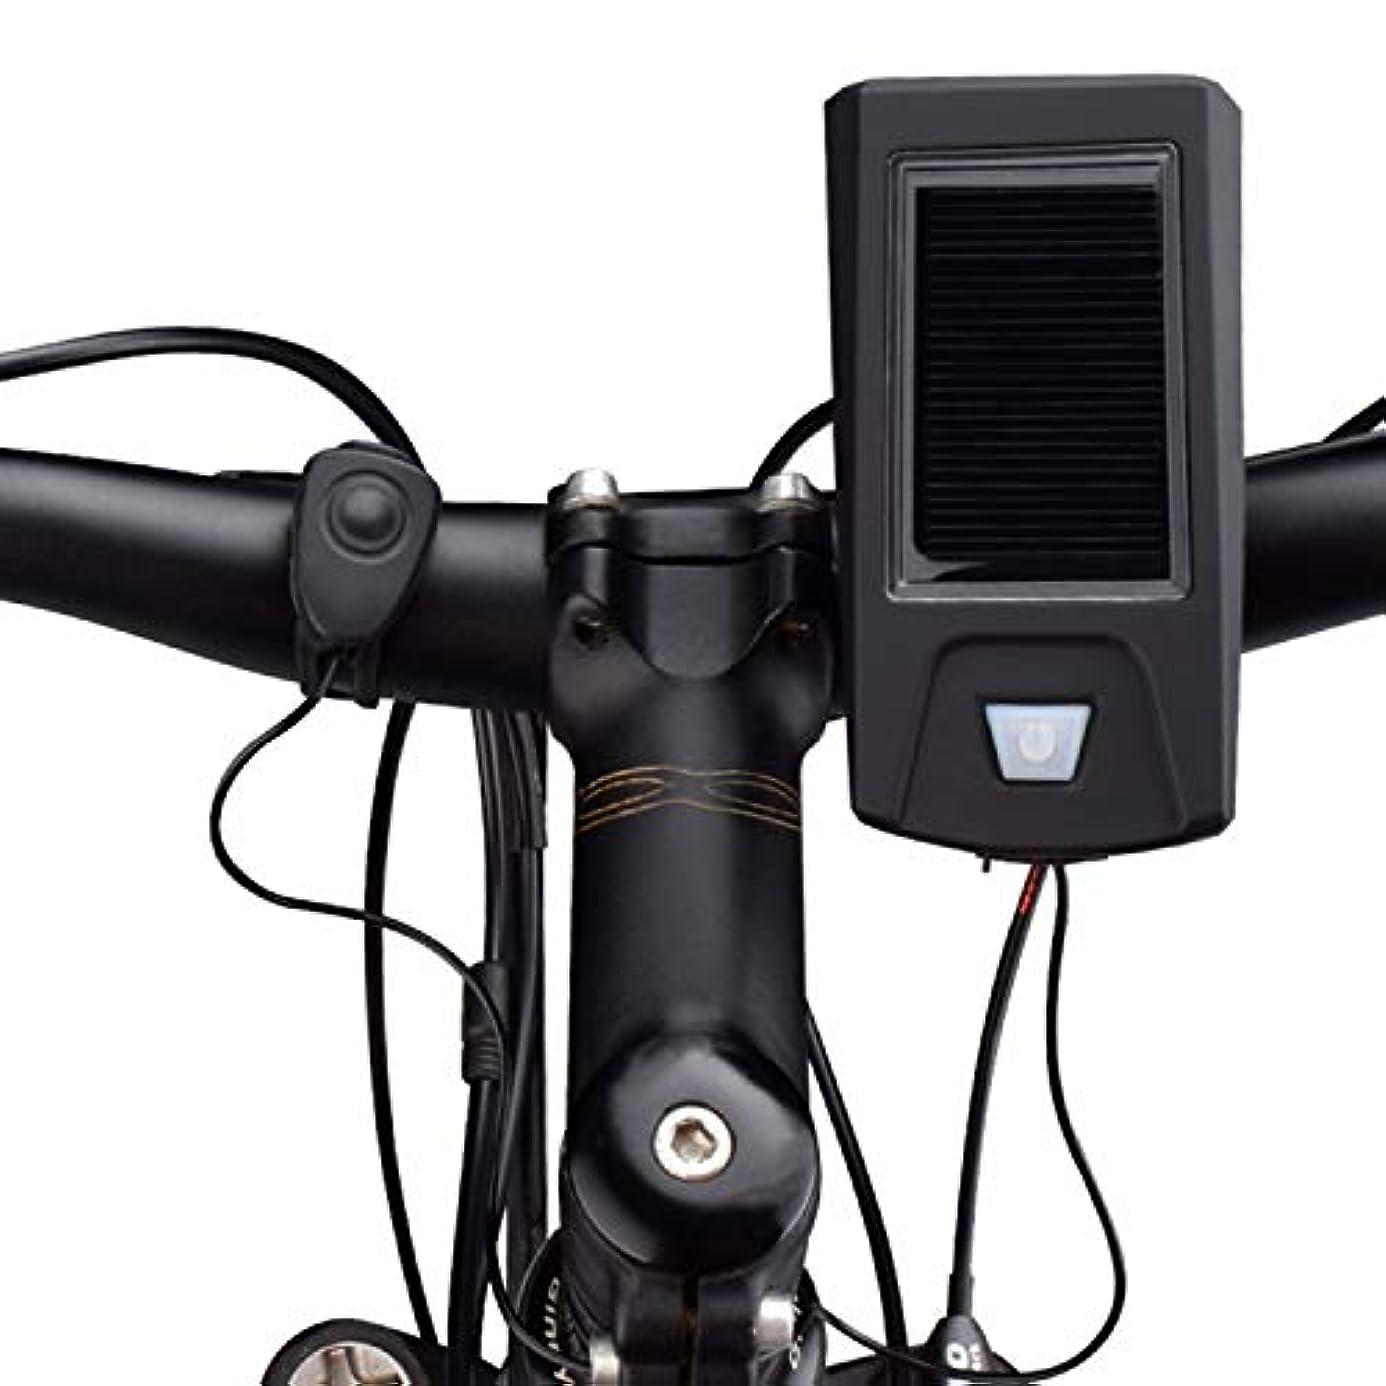 複雑でない虐待調整可能ソーラー充電式自転車ライト、サイクリング用品アクセサリー、ヘッドライトグレア懐中電灯、自転車マウンテンバイクライト